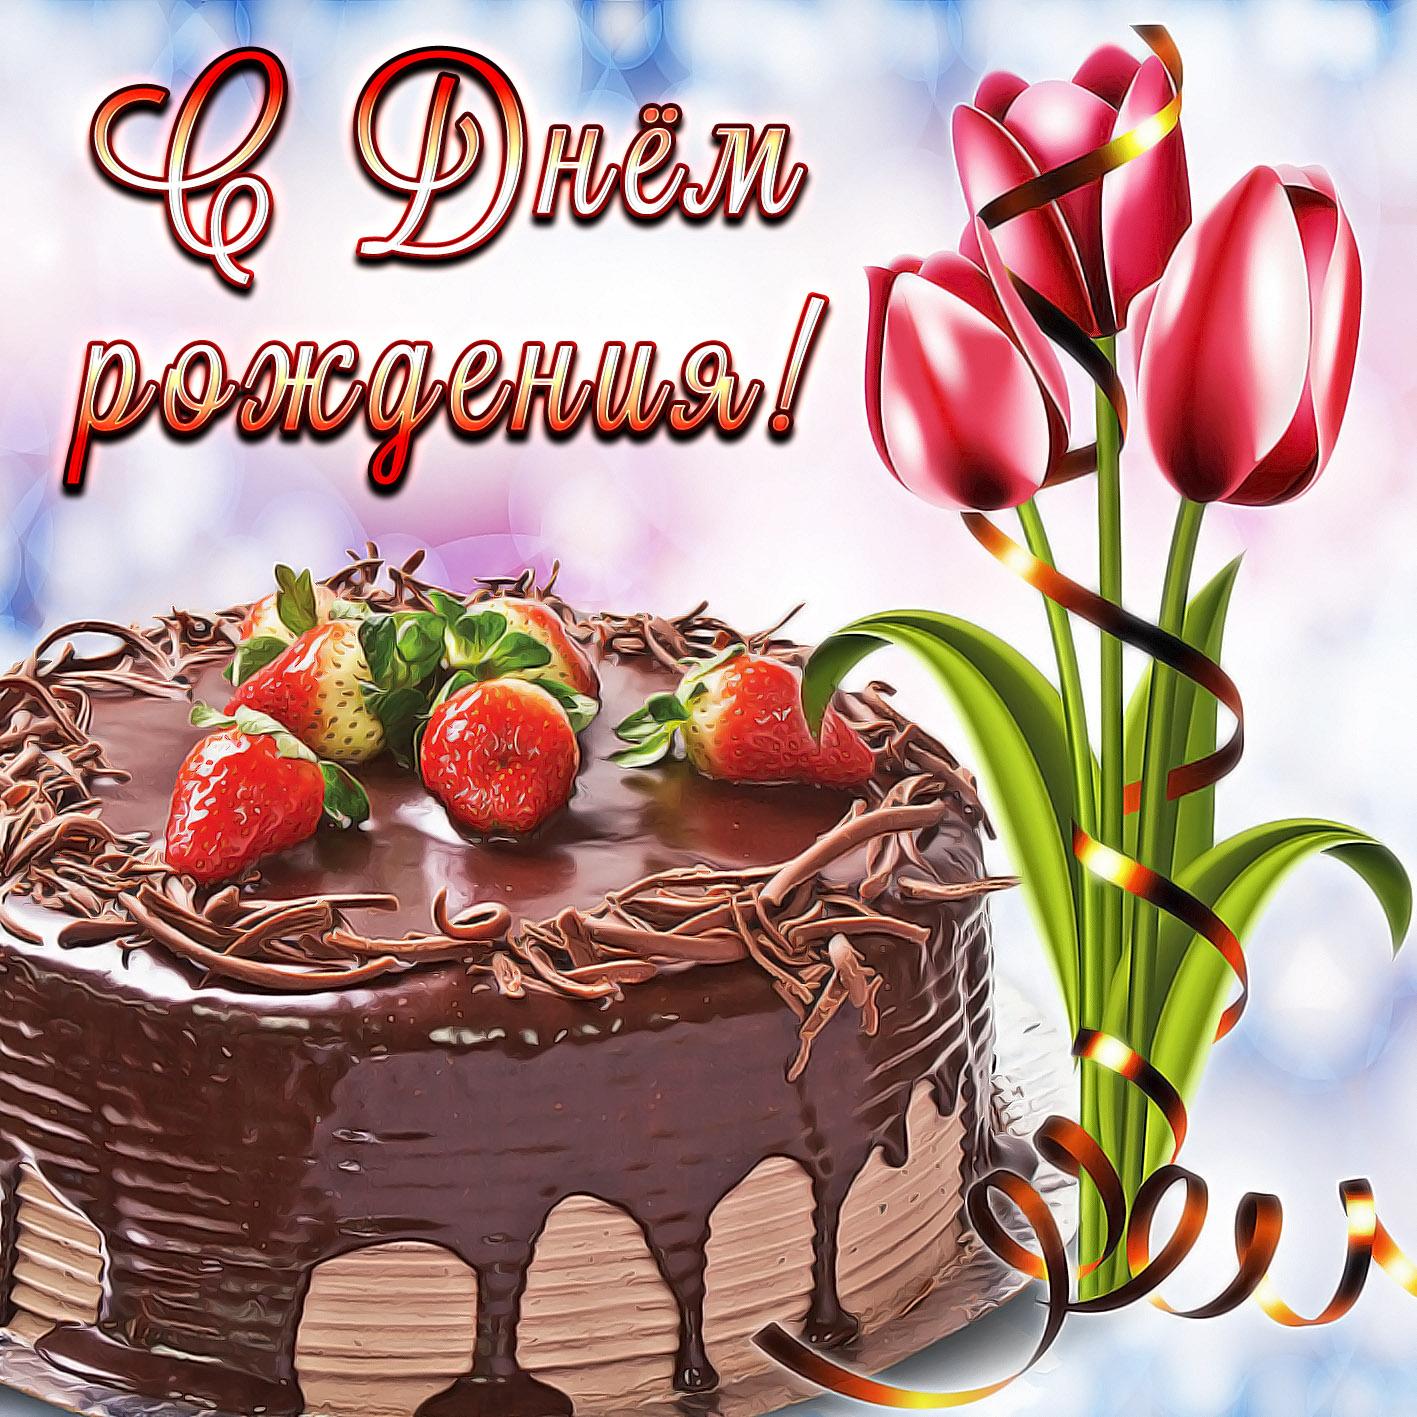 С днем рождения торт цветы открытка, первомаем поздравления